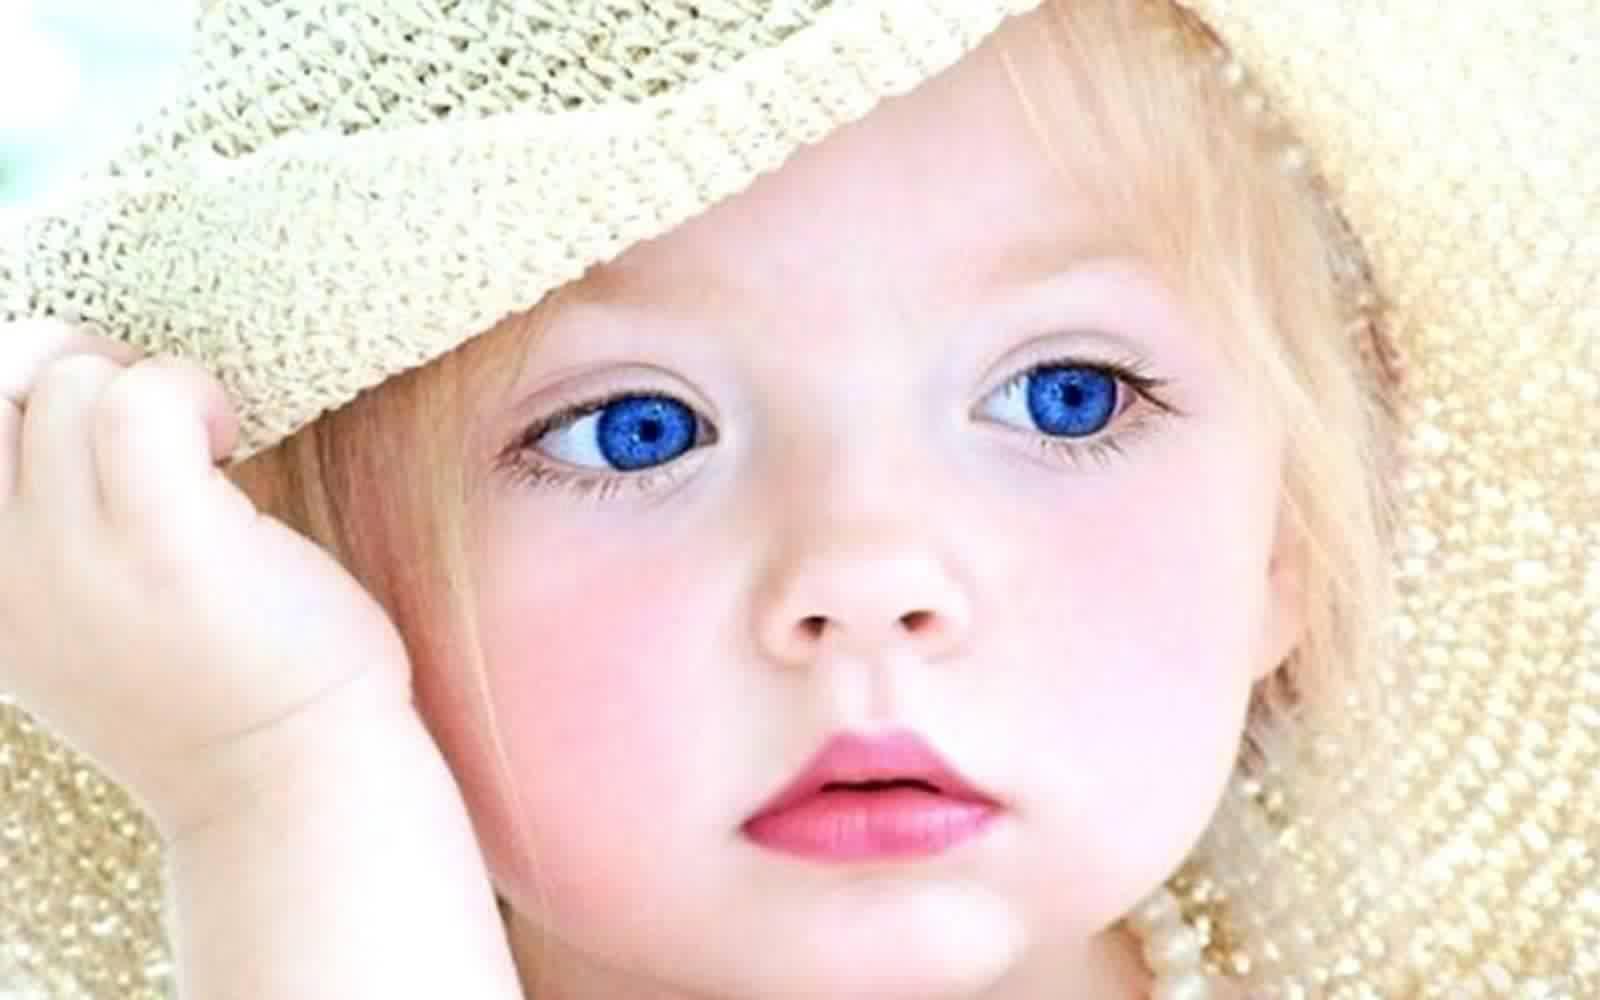 بالصور صورة طفلة جميلة , اجمل طفله كيوت 1826 4